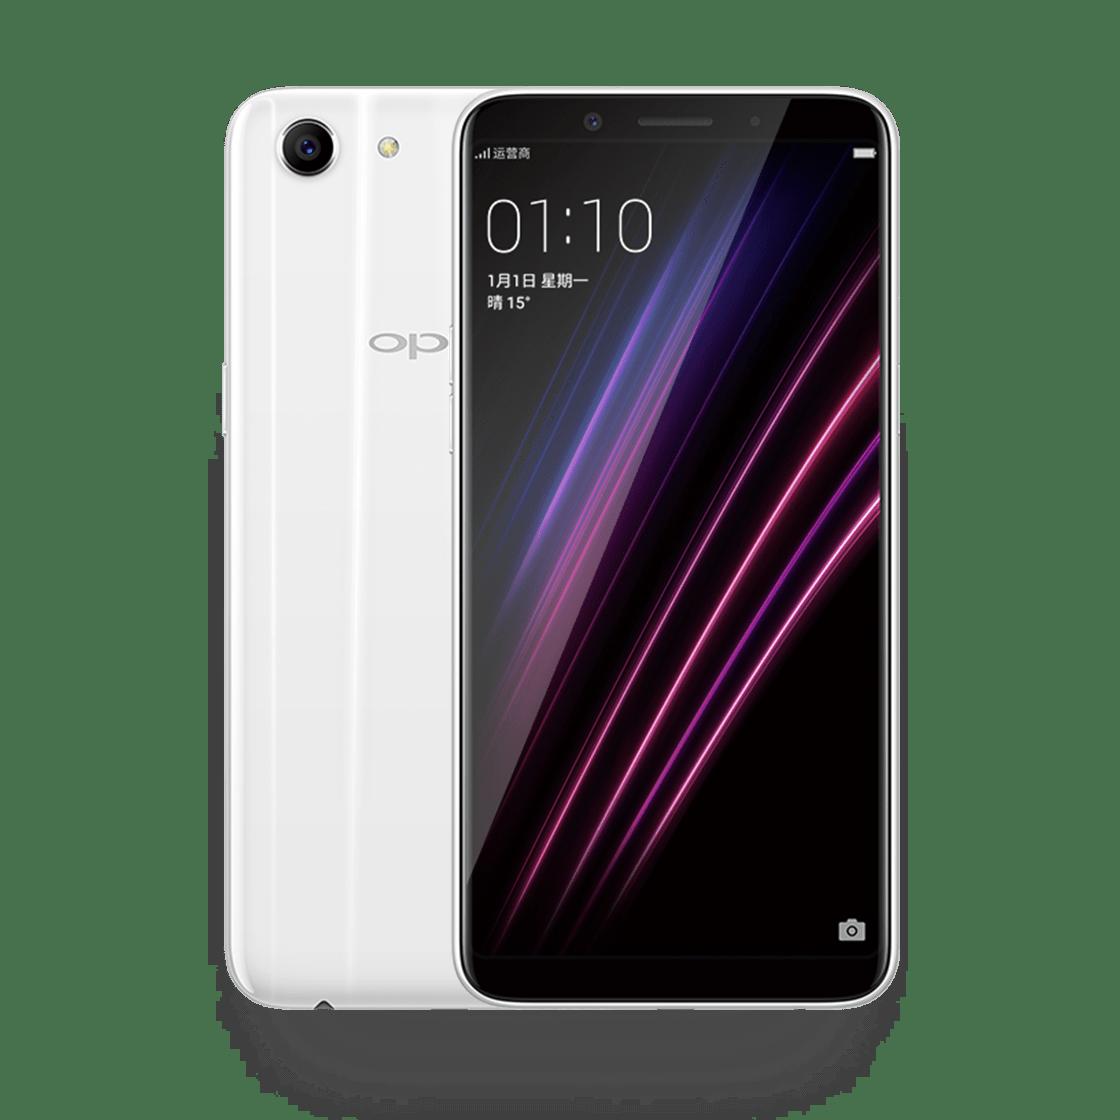 OPPO A1 4G+64G 大内存全面屏手机